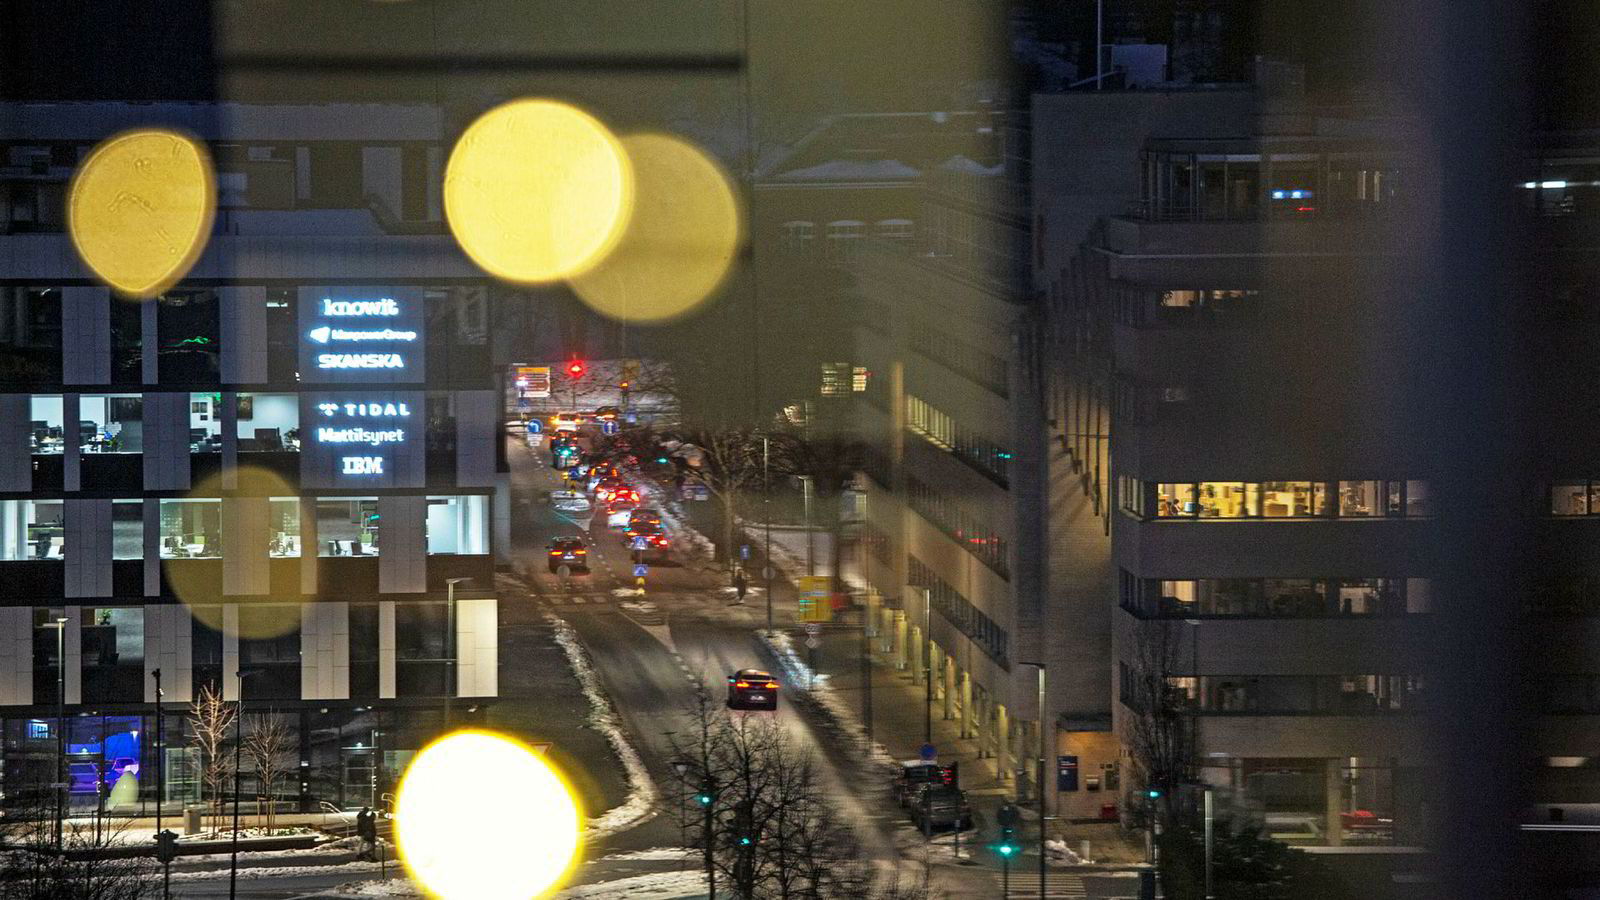 Økokrim ransaket 17. desember Tidals kontor i Oslo, men ransakingen ble satt på vent fordi Tidal anket. Torsdag i forrige uke avgjorde Høyesterett at ransakingen ikke var i strid med folkeretten – og dermed kunne fortsette.